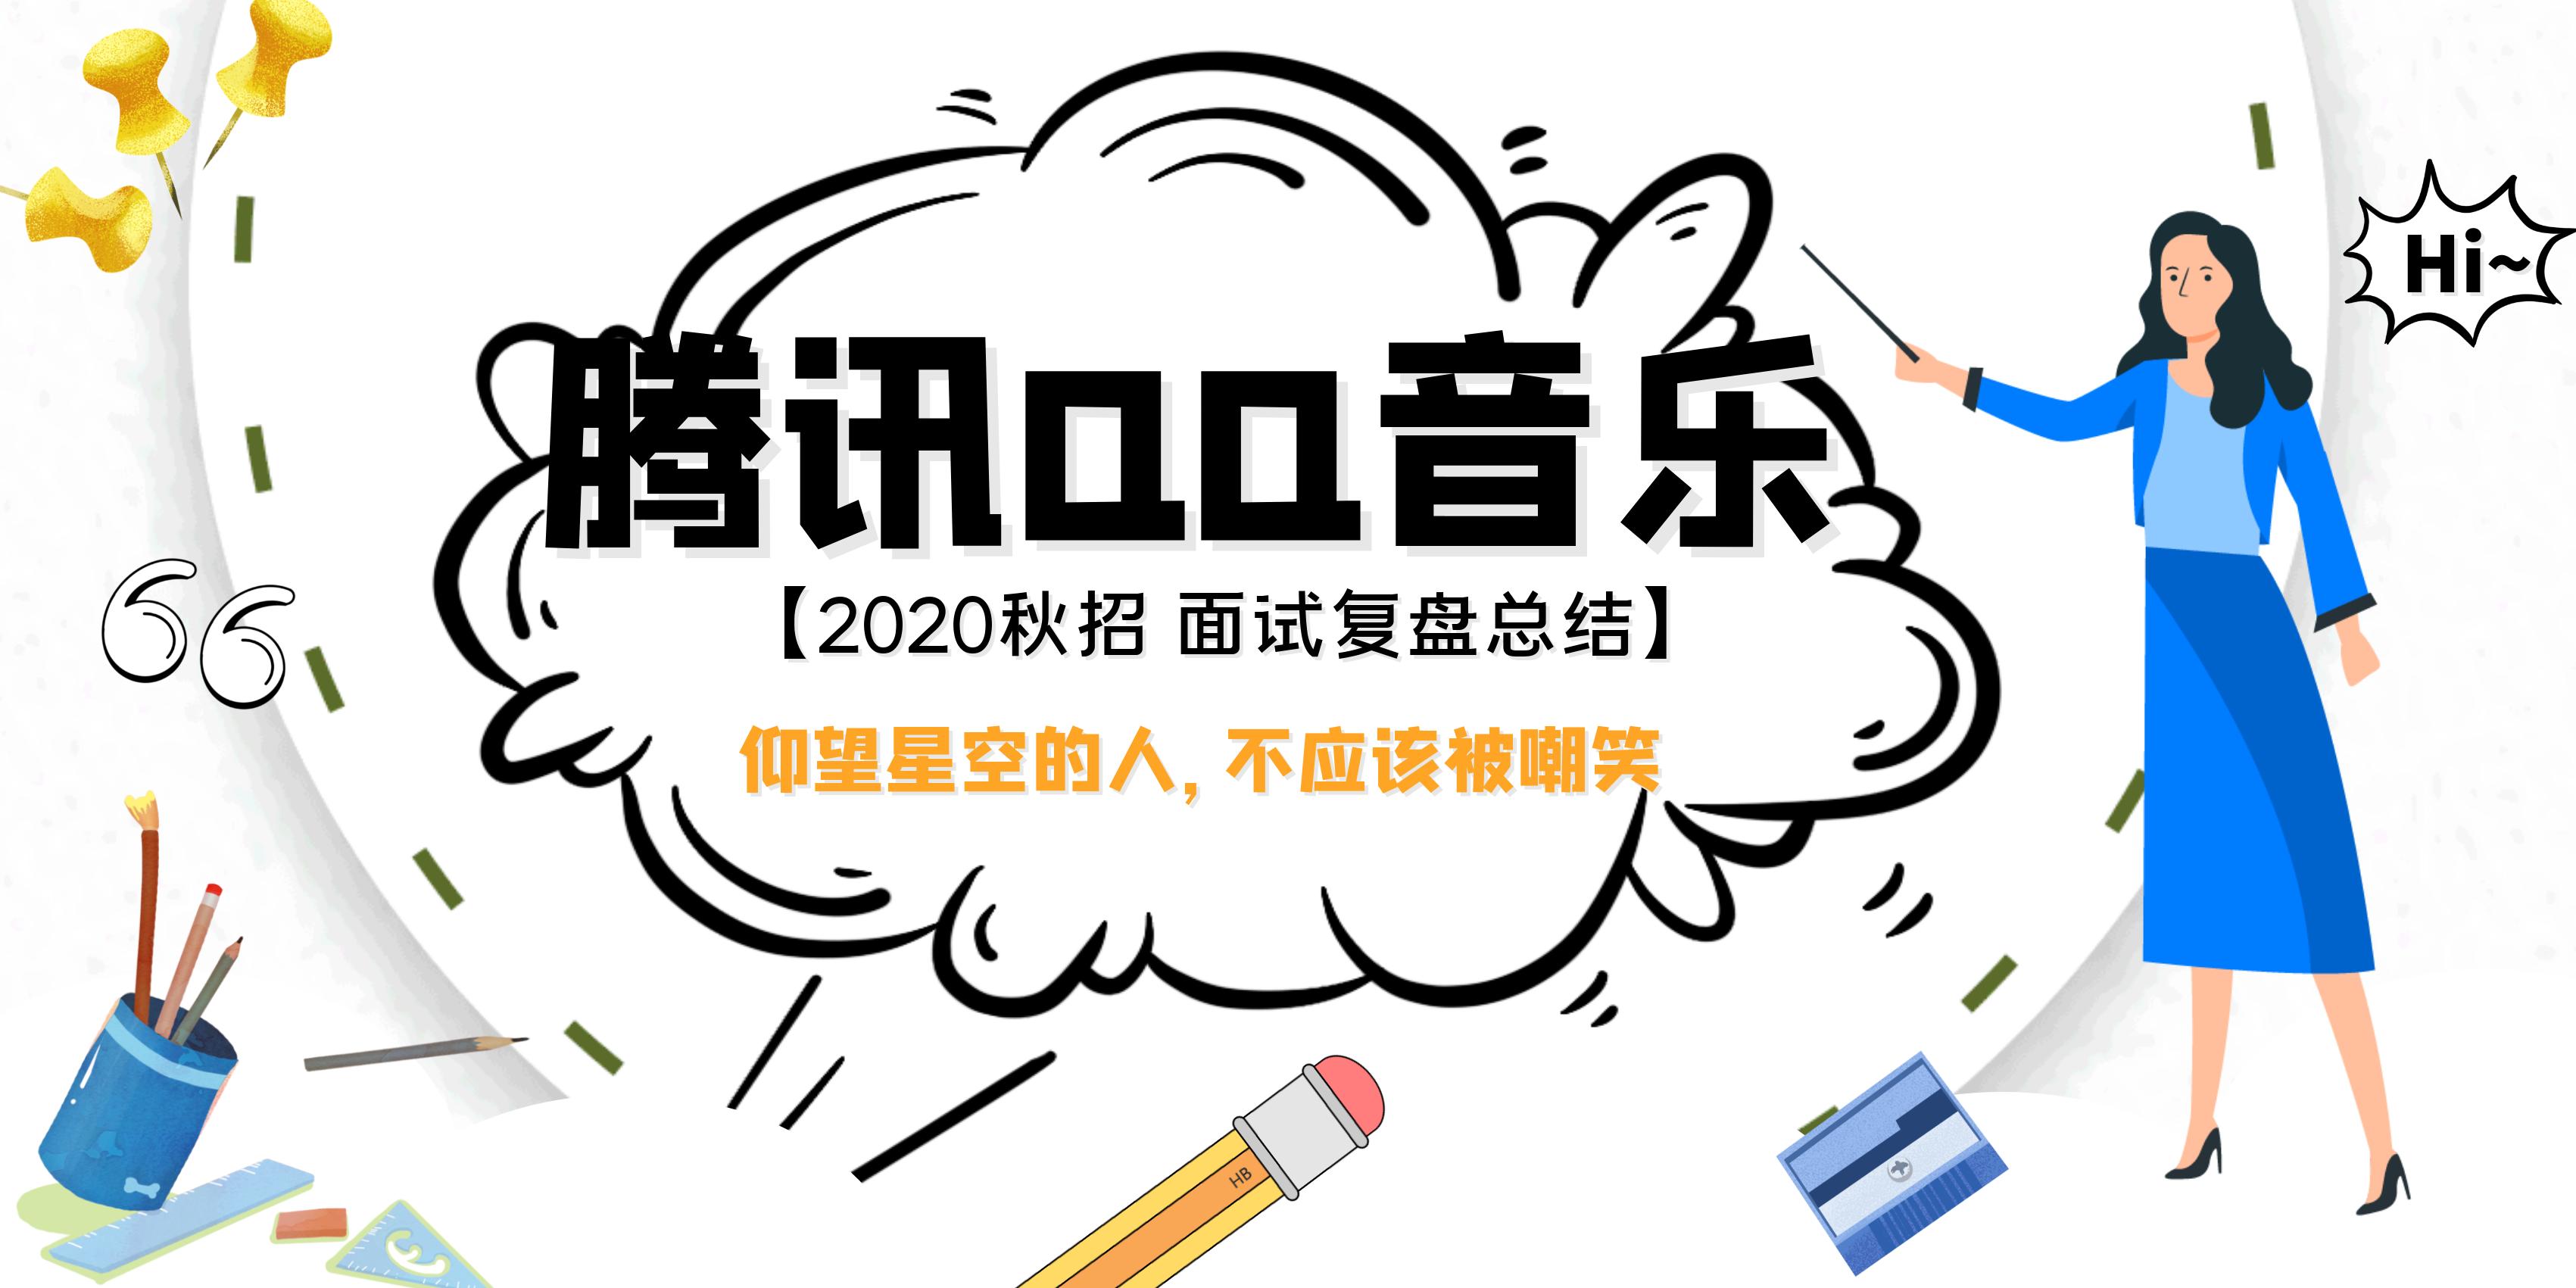 「腾讯-QQ音乐」秋招面试复盘总结